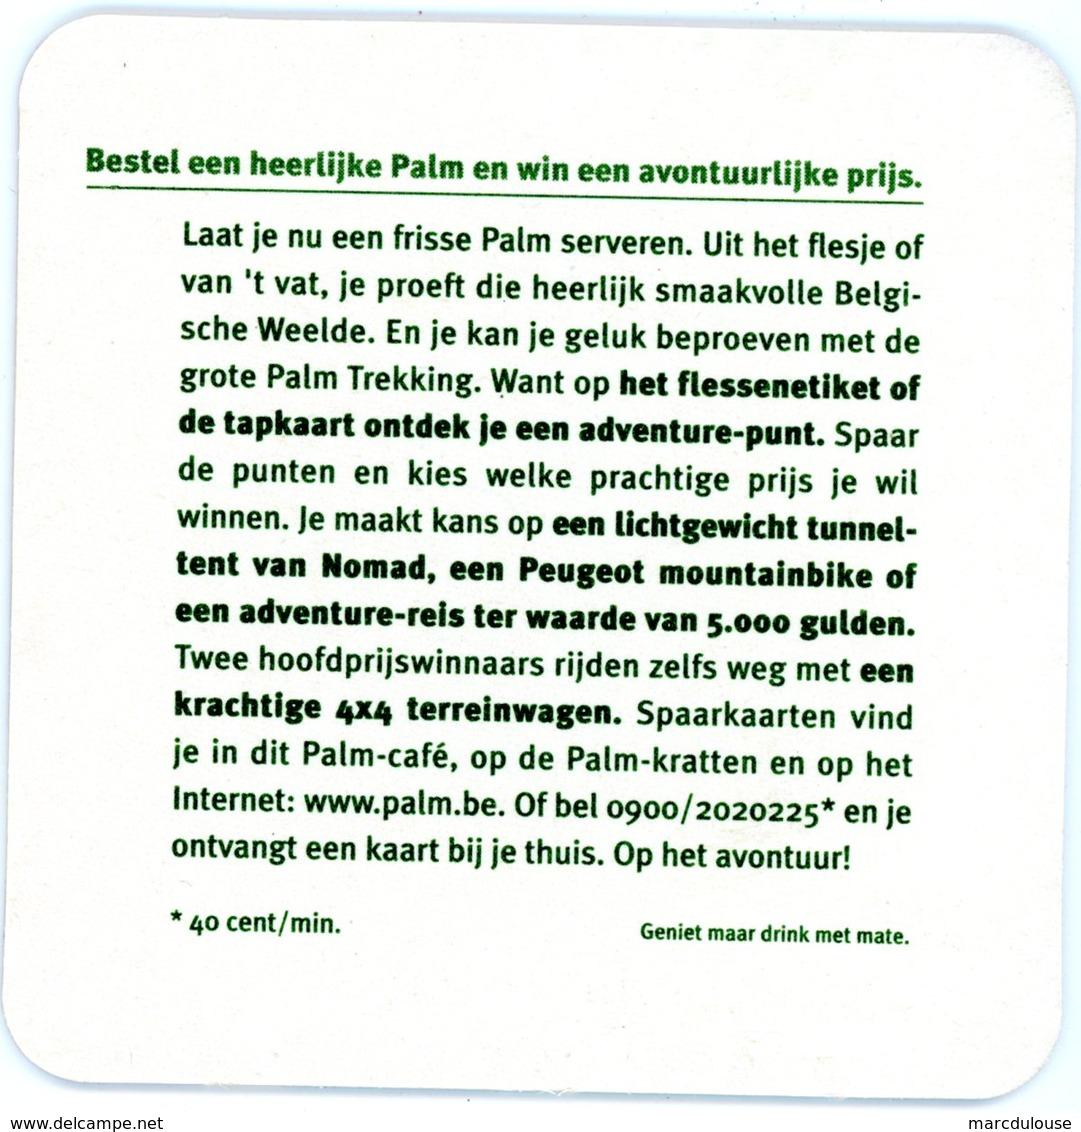 Belgium. Palm. Dorst Naar Avontuur? Beproef Je Geluk Met De Grote Palm Trekking. Bestel Een Heerlijke Palm En Win Een... - Sous-bocks